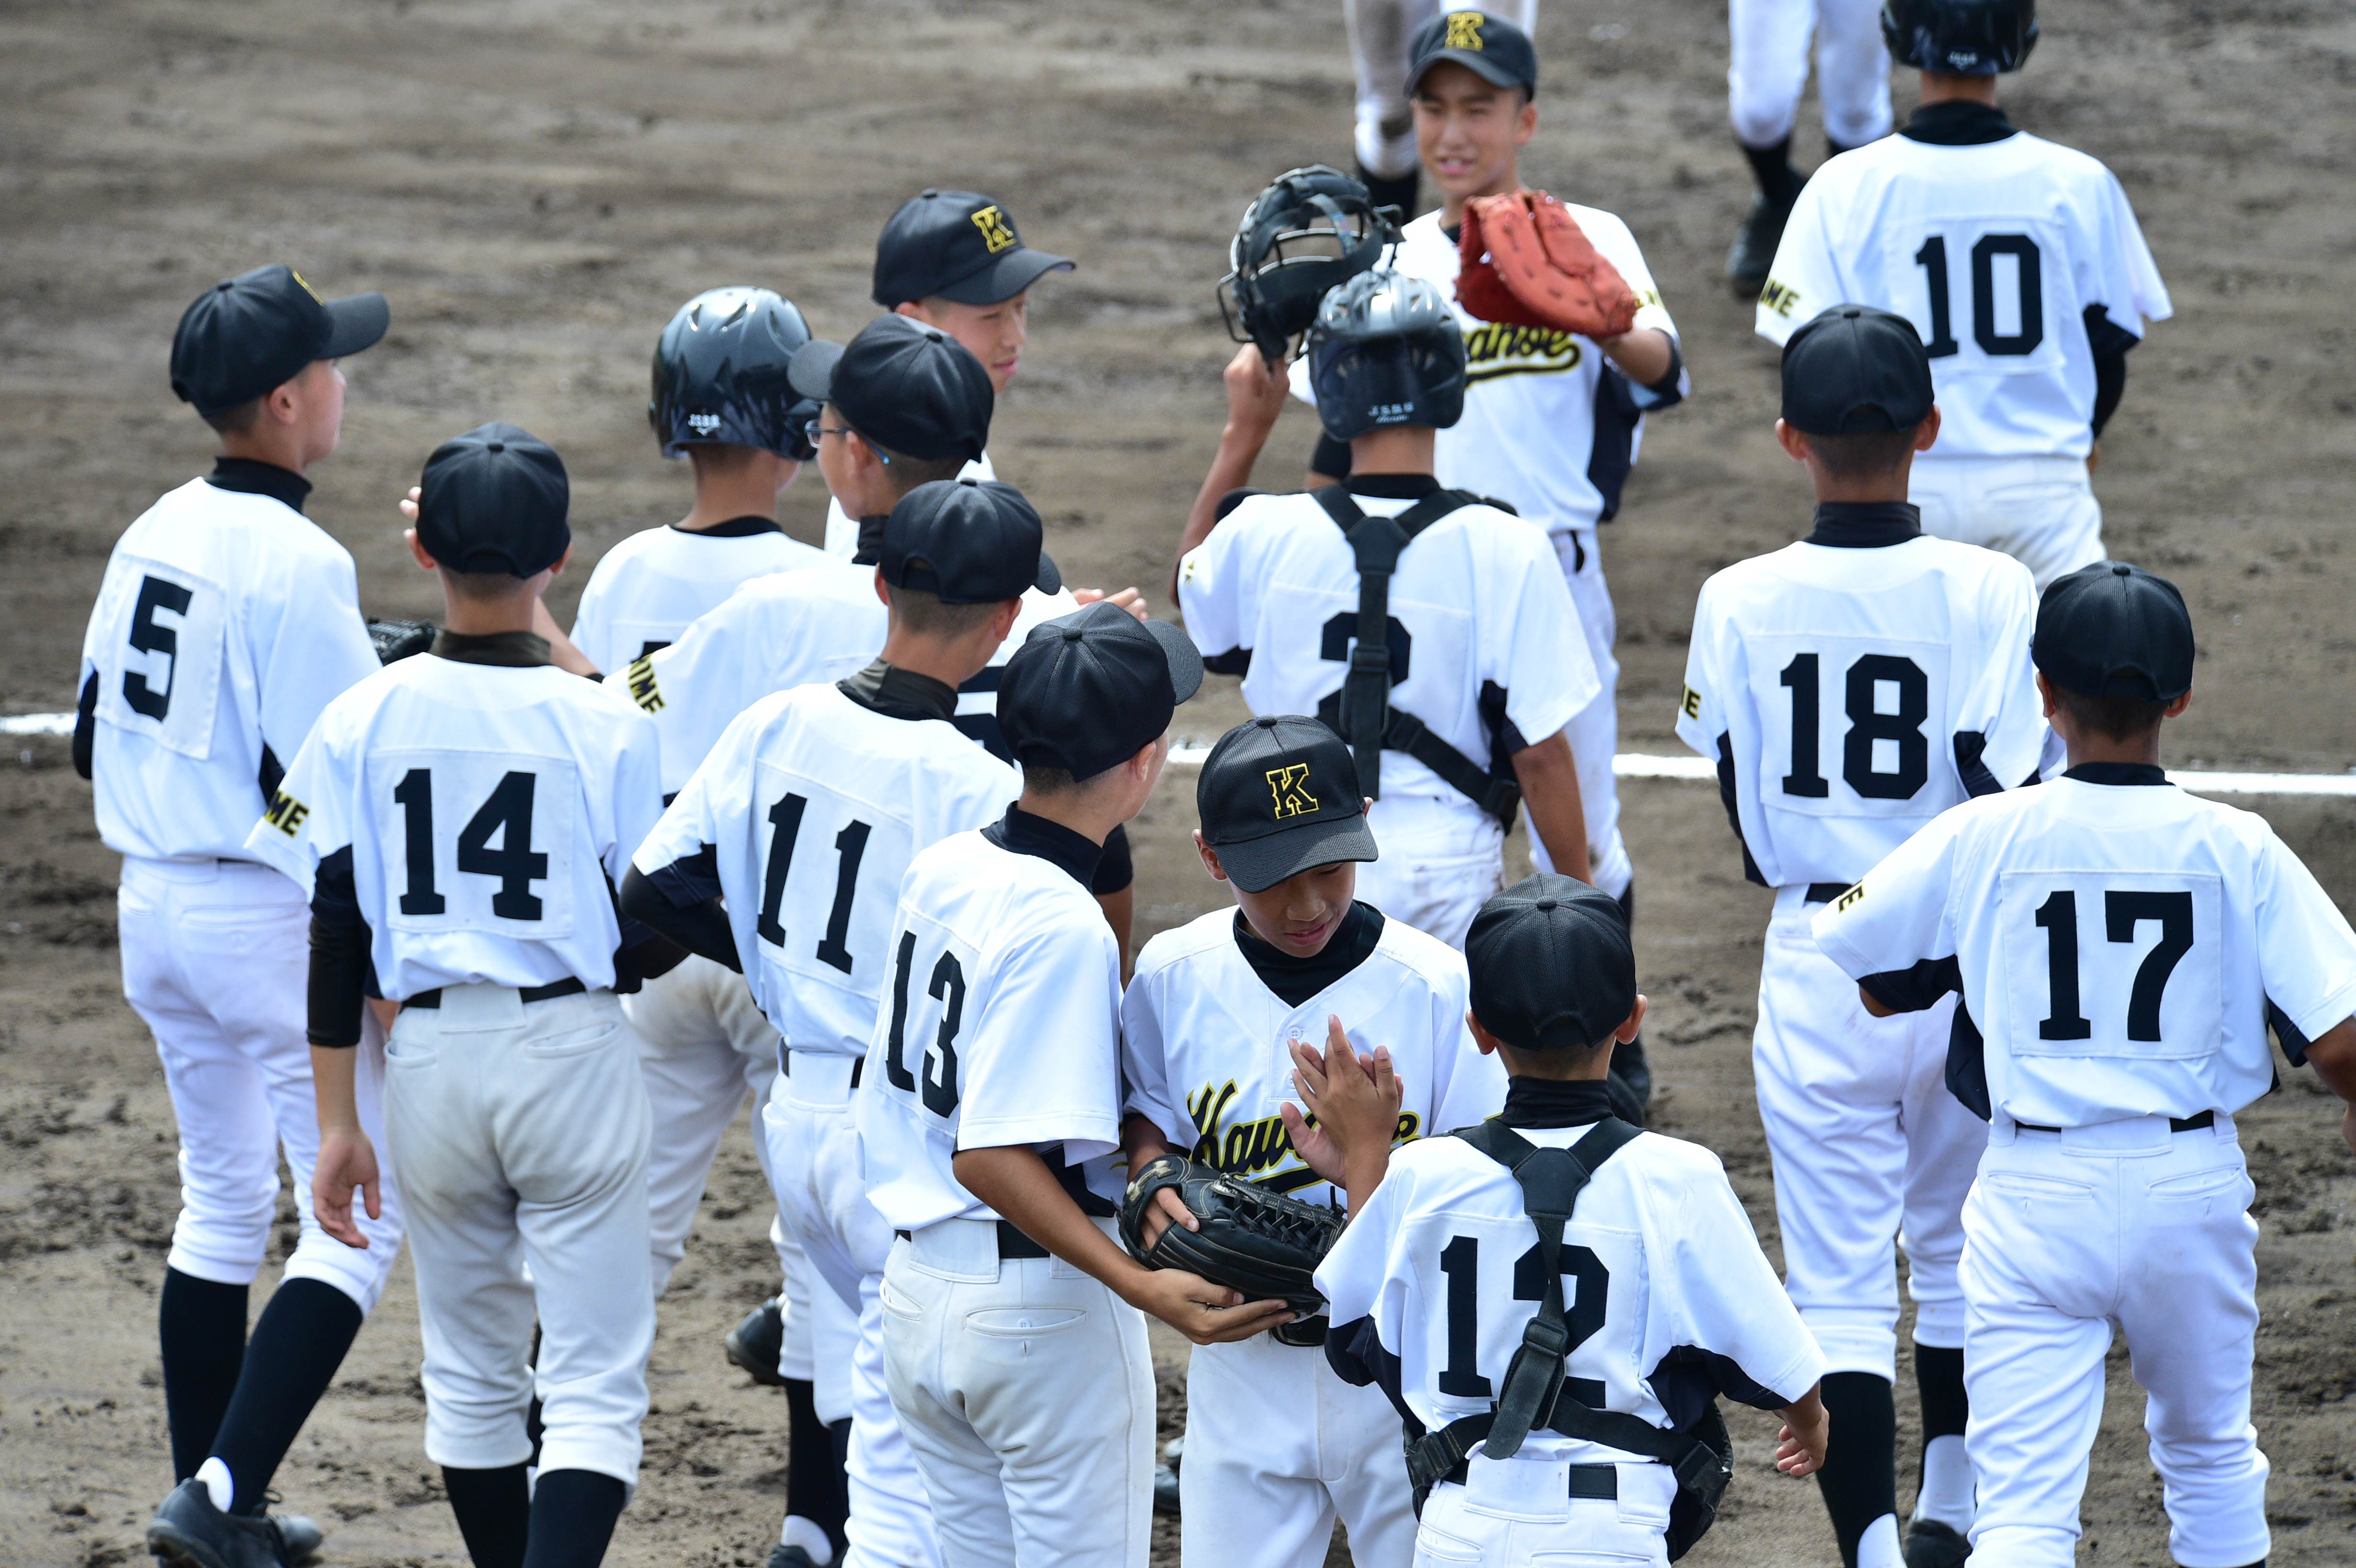 軟式野球 (171)